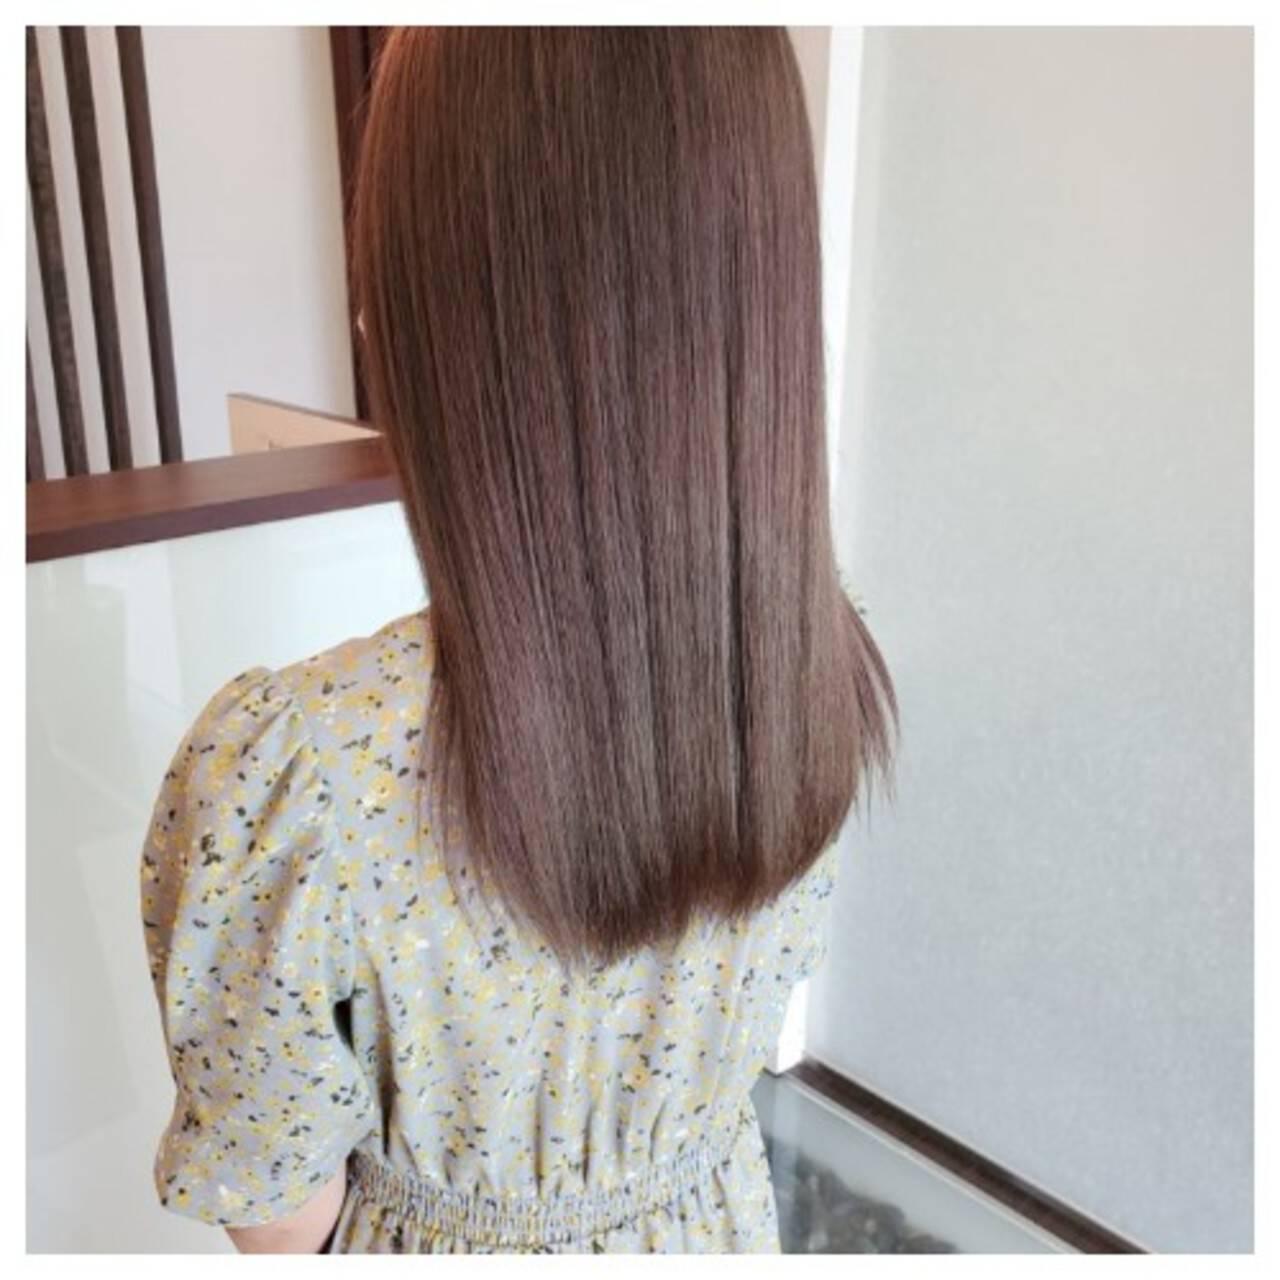 ブリーチオンカラー ハイトーンカラー ブリーチ ロングヘアスタイルや髪型の写真・画像